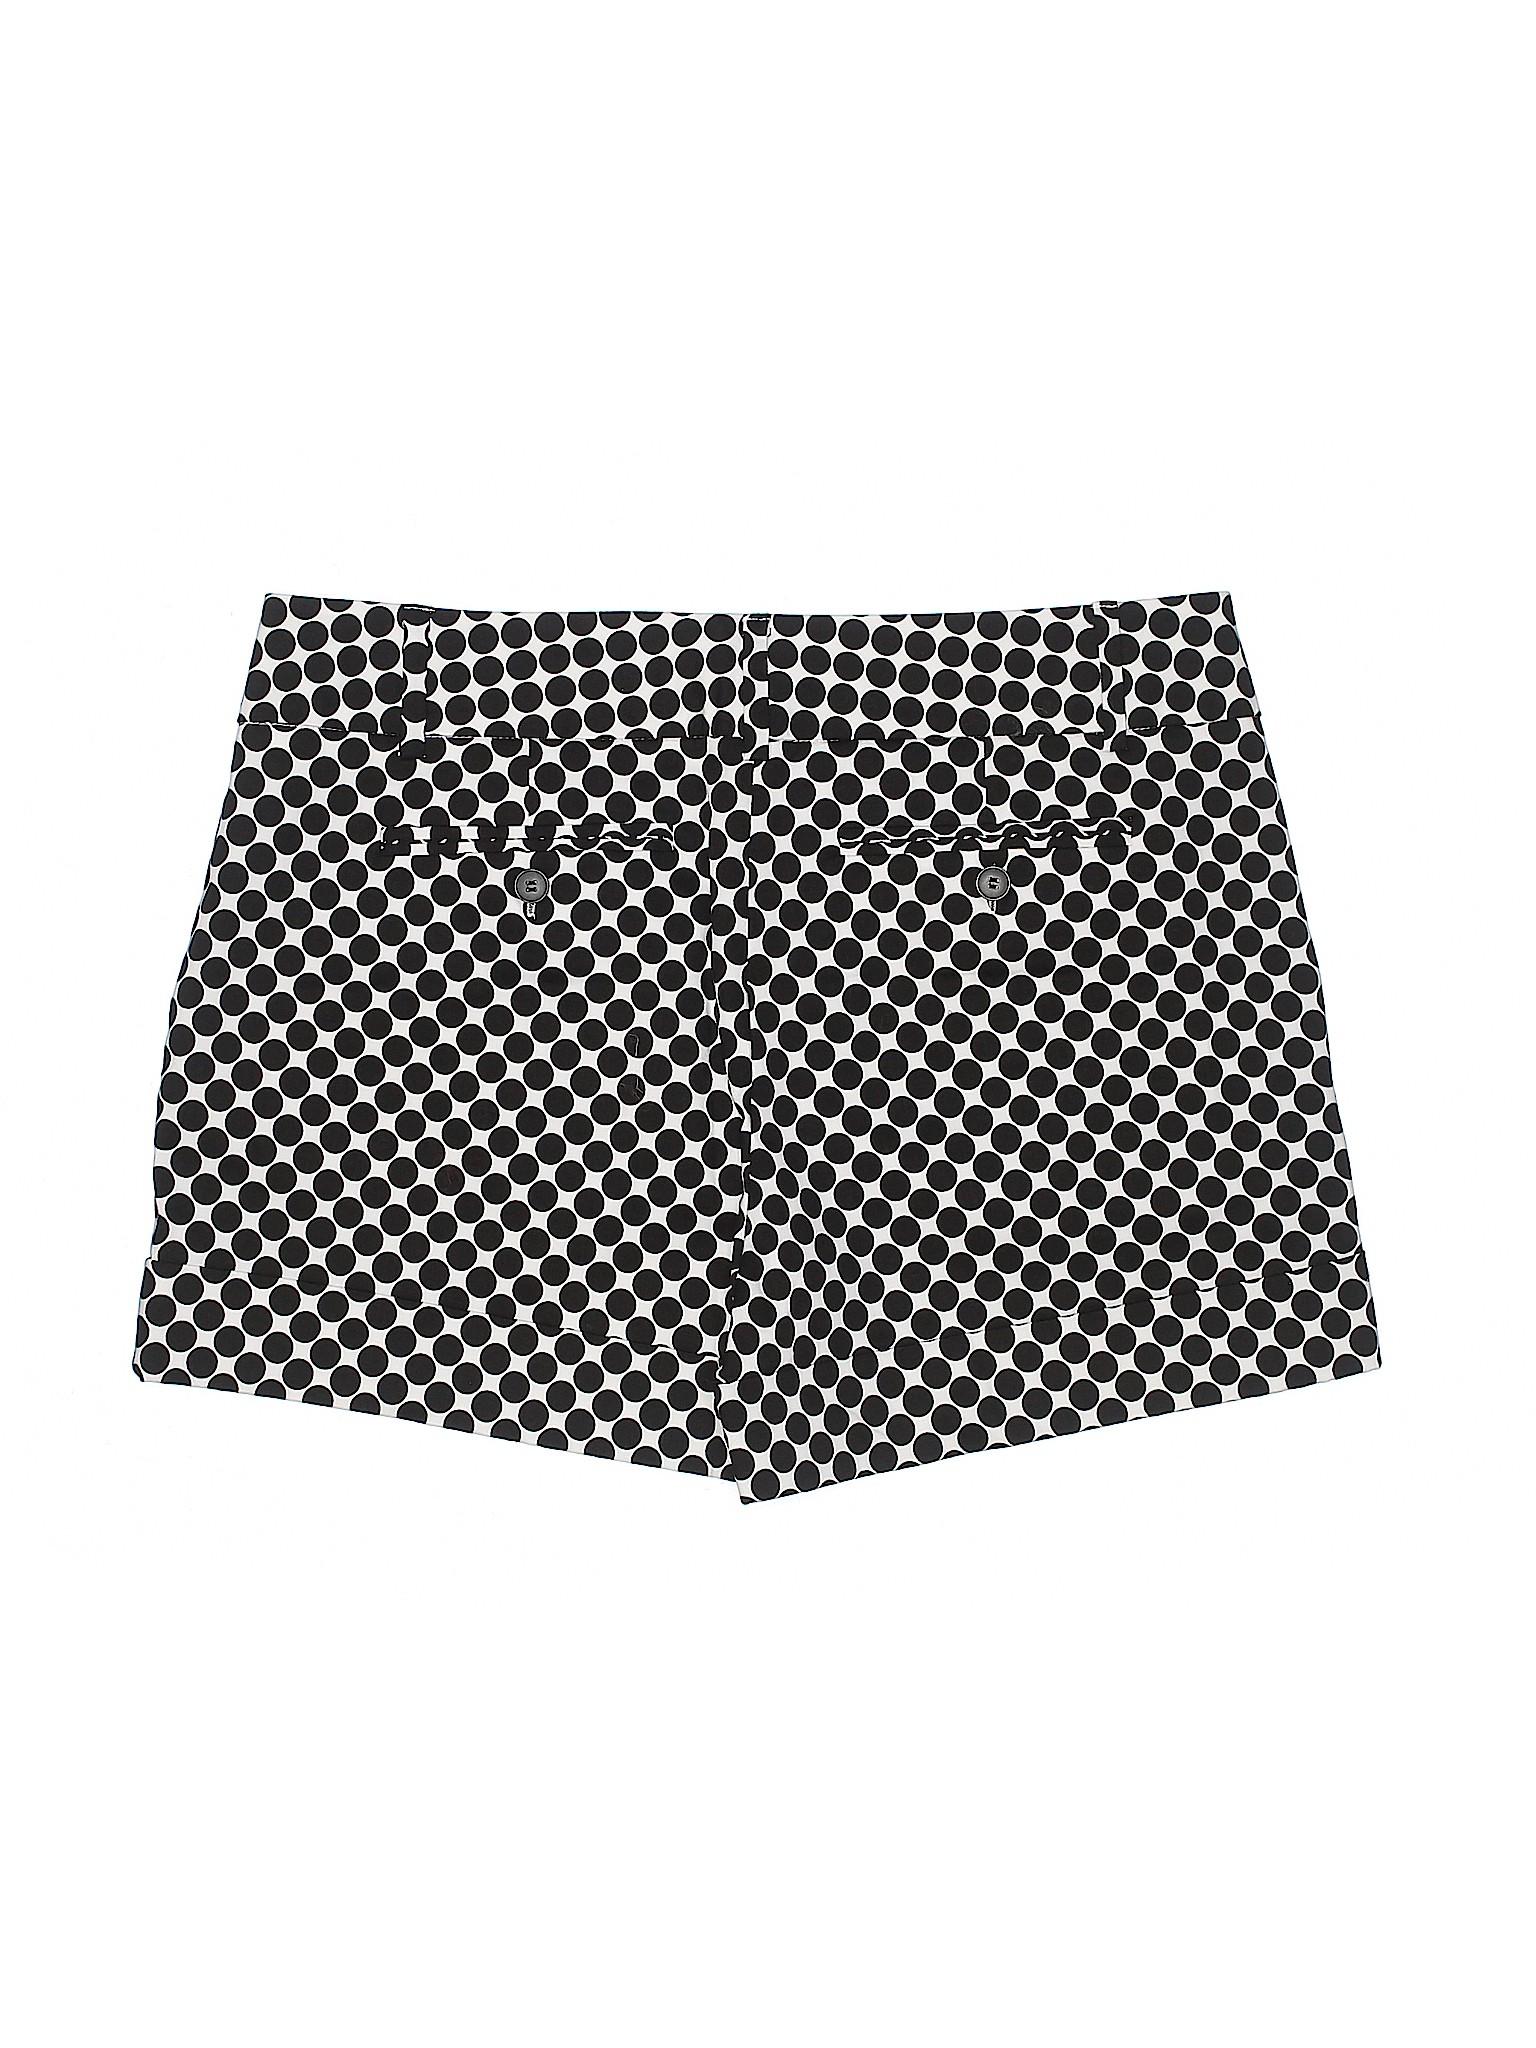 Boutique Design New Company Shorts Studio 7th Avenue York amp; wfqwzgC1